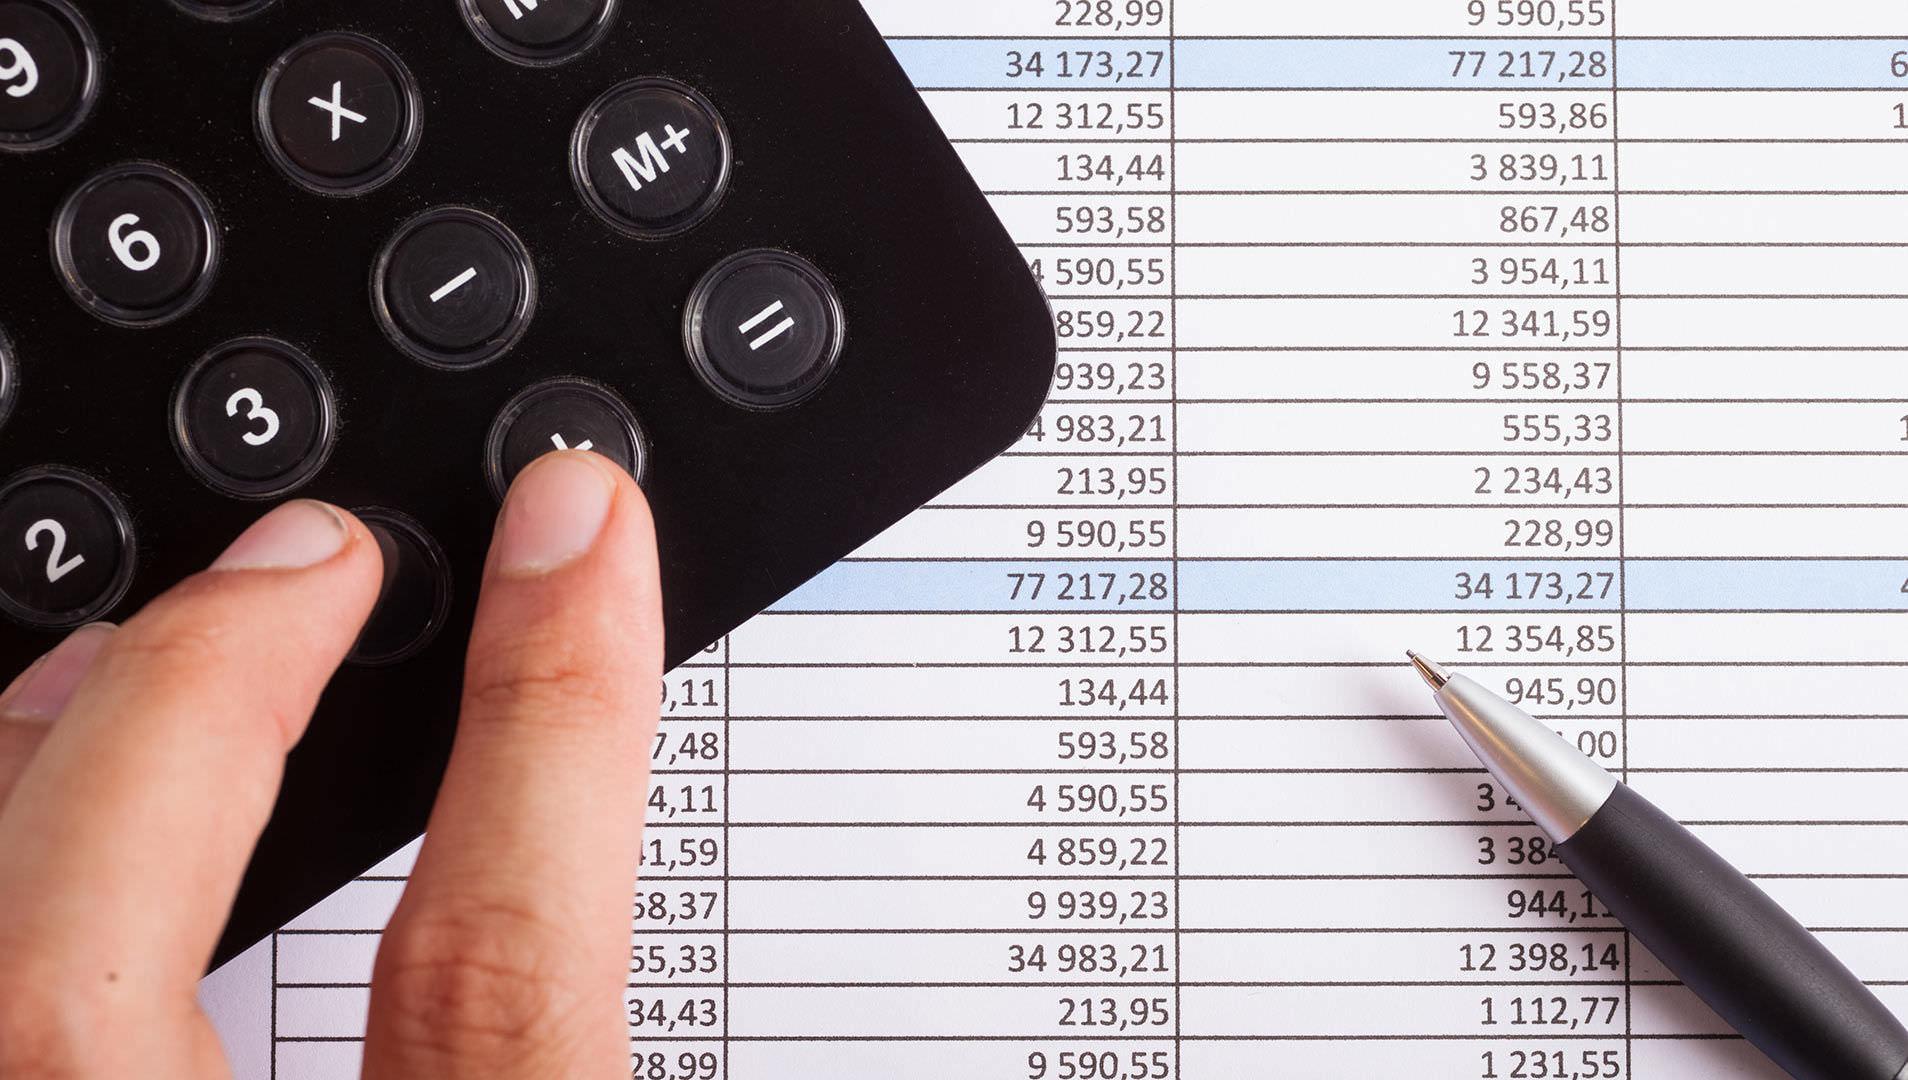 Accountants & Accounting: Jobs in Israel | Nefesh B'Nefesh